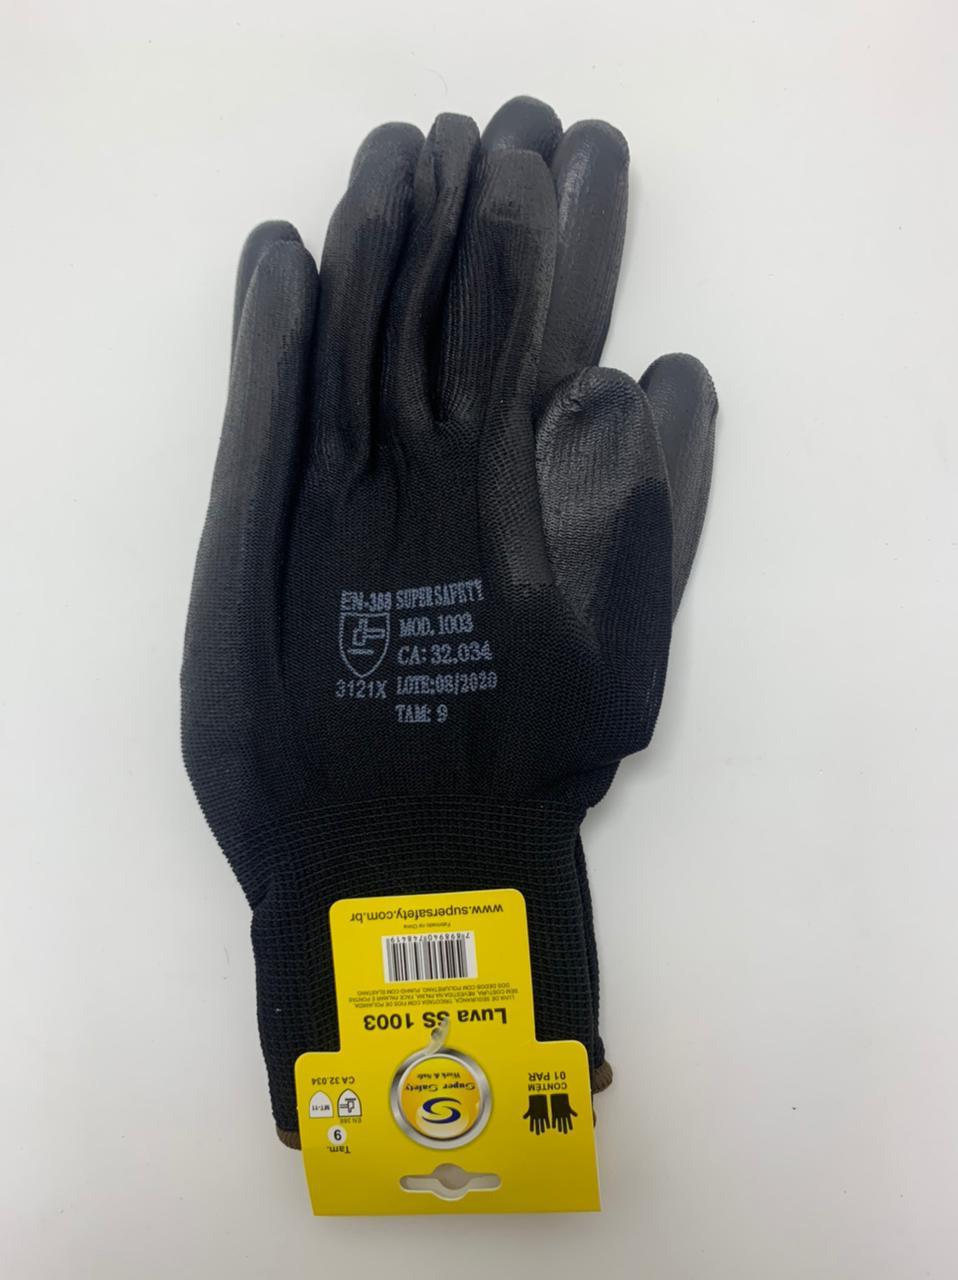 Kit 3 Pares Luva de segurança Super Safety ss1003 PU Preta Tam. 9(G).